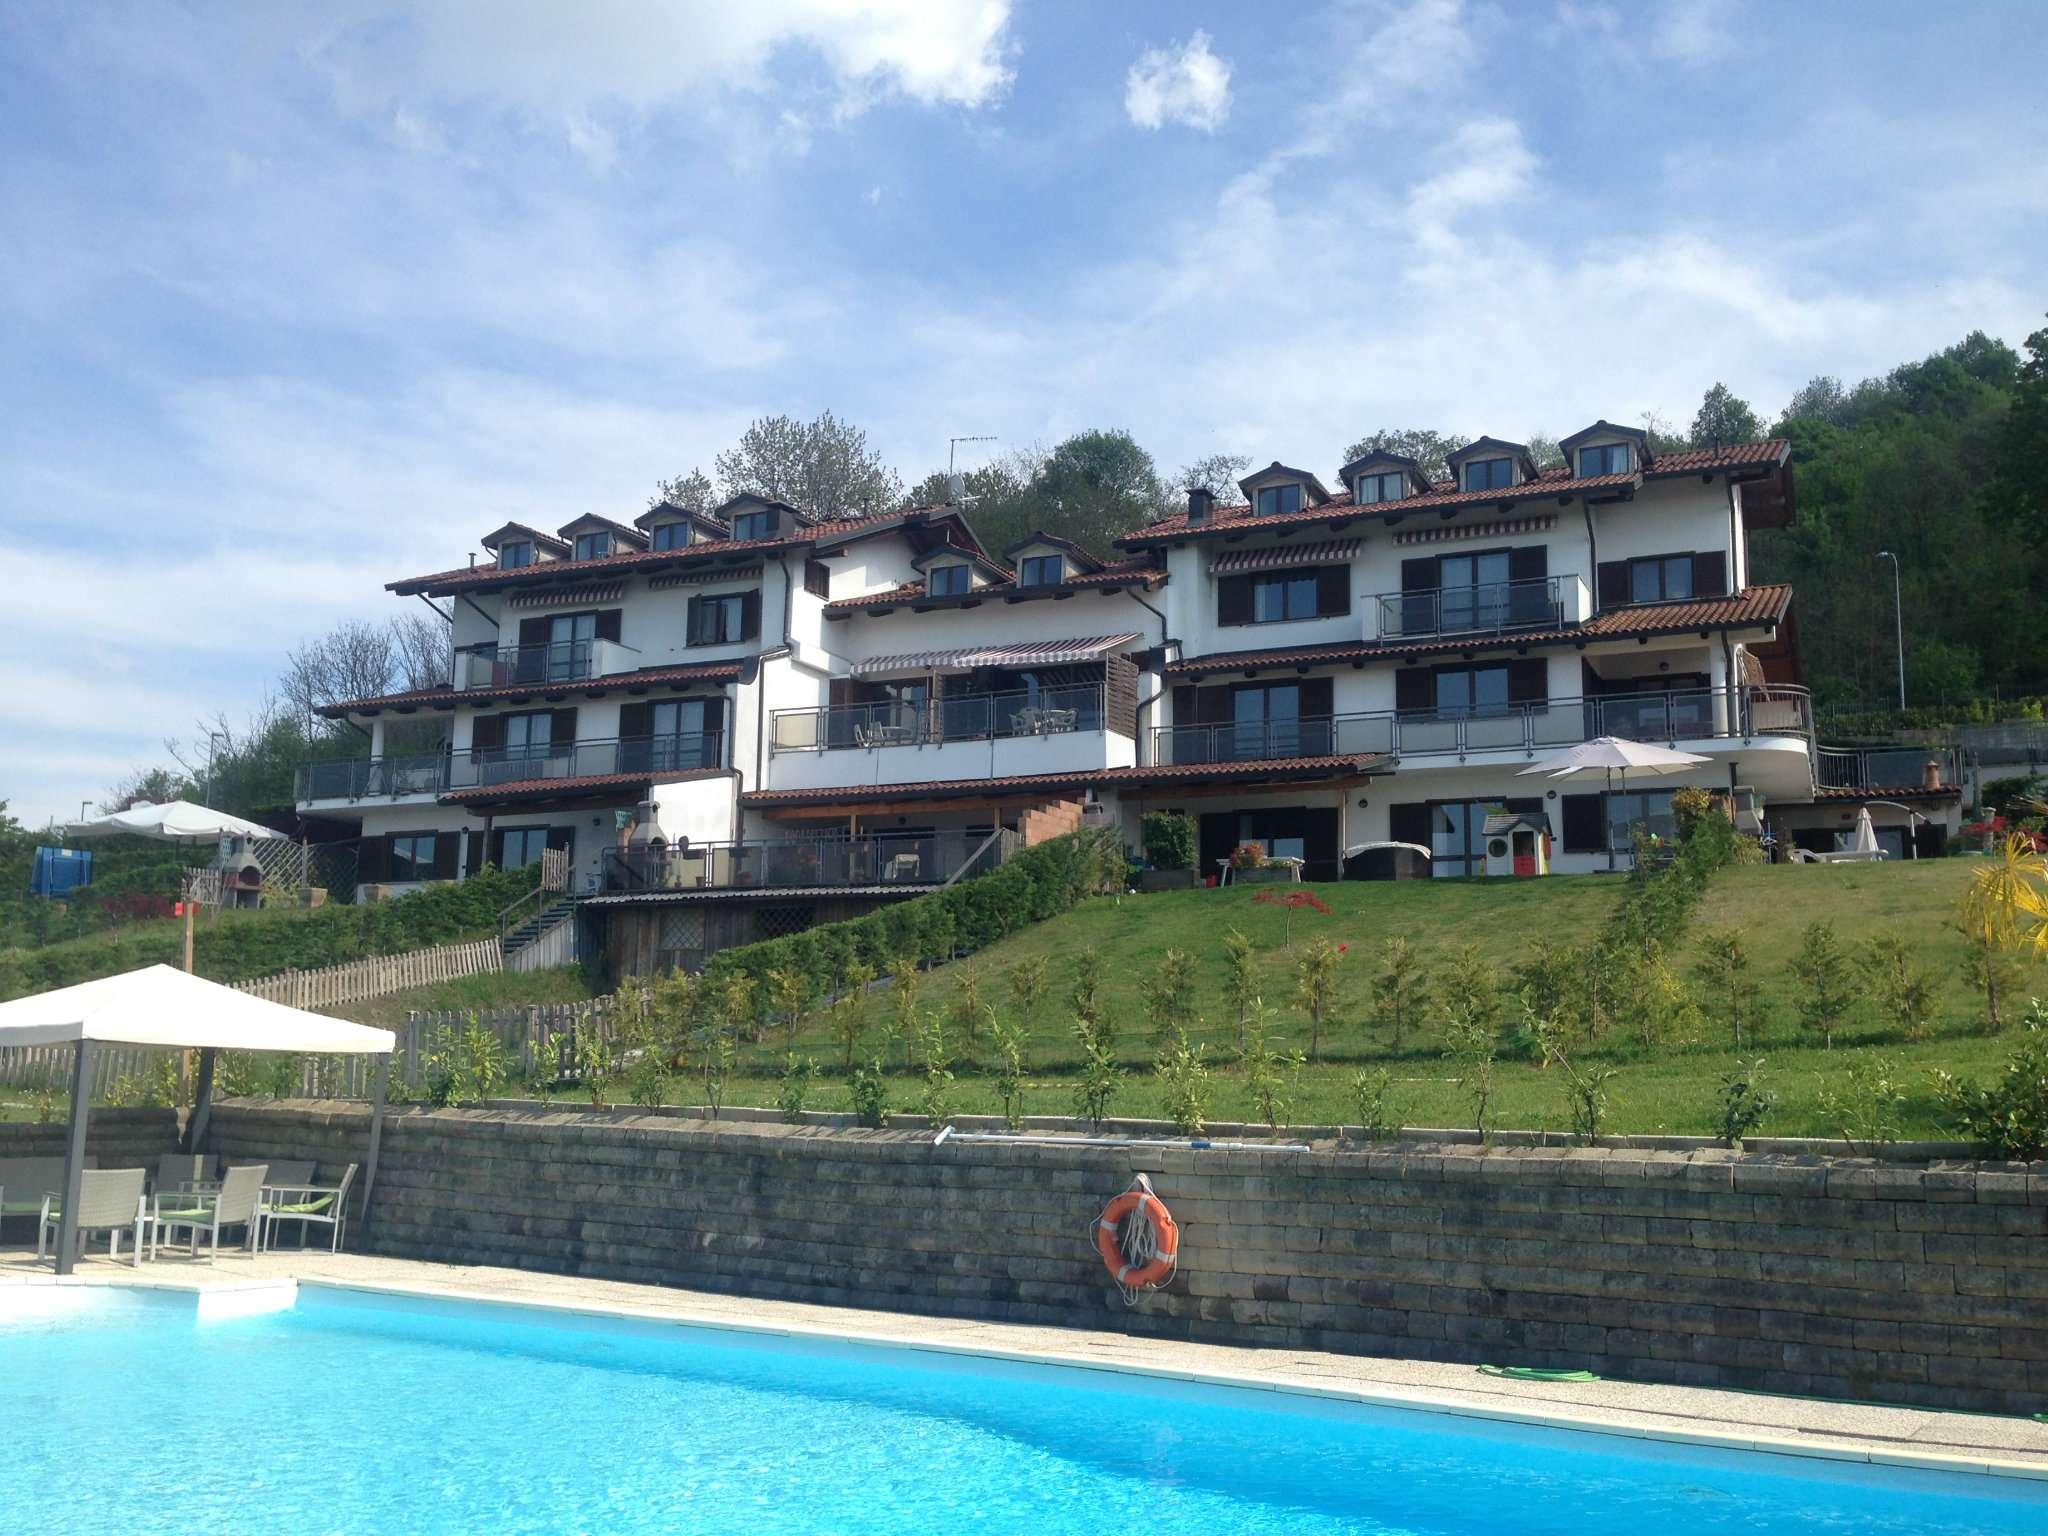 Appartamento in affitto a Pecetto Torinese, 4 locali, prezzo € 1.600 | CambioCasa.it